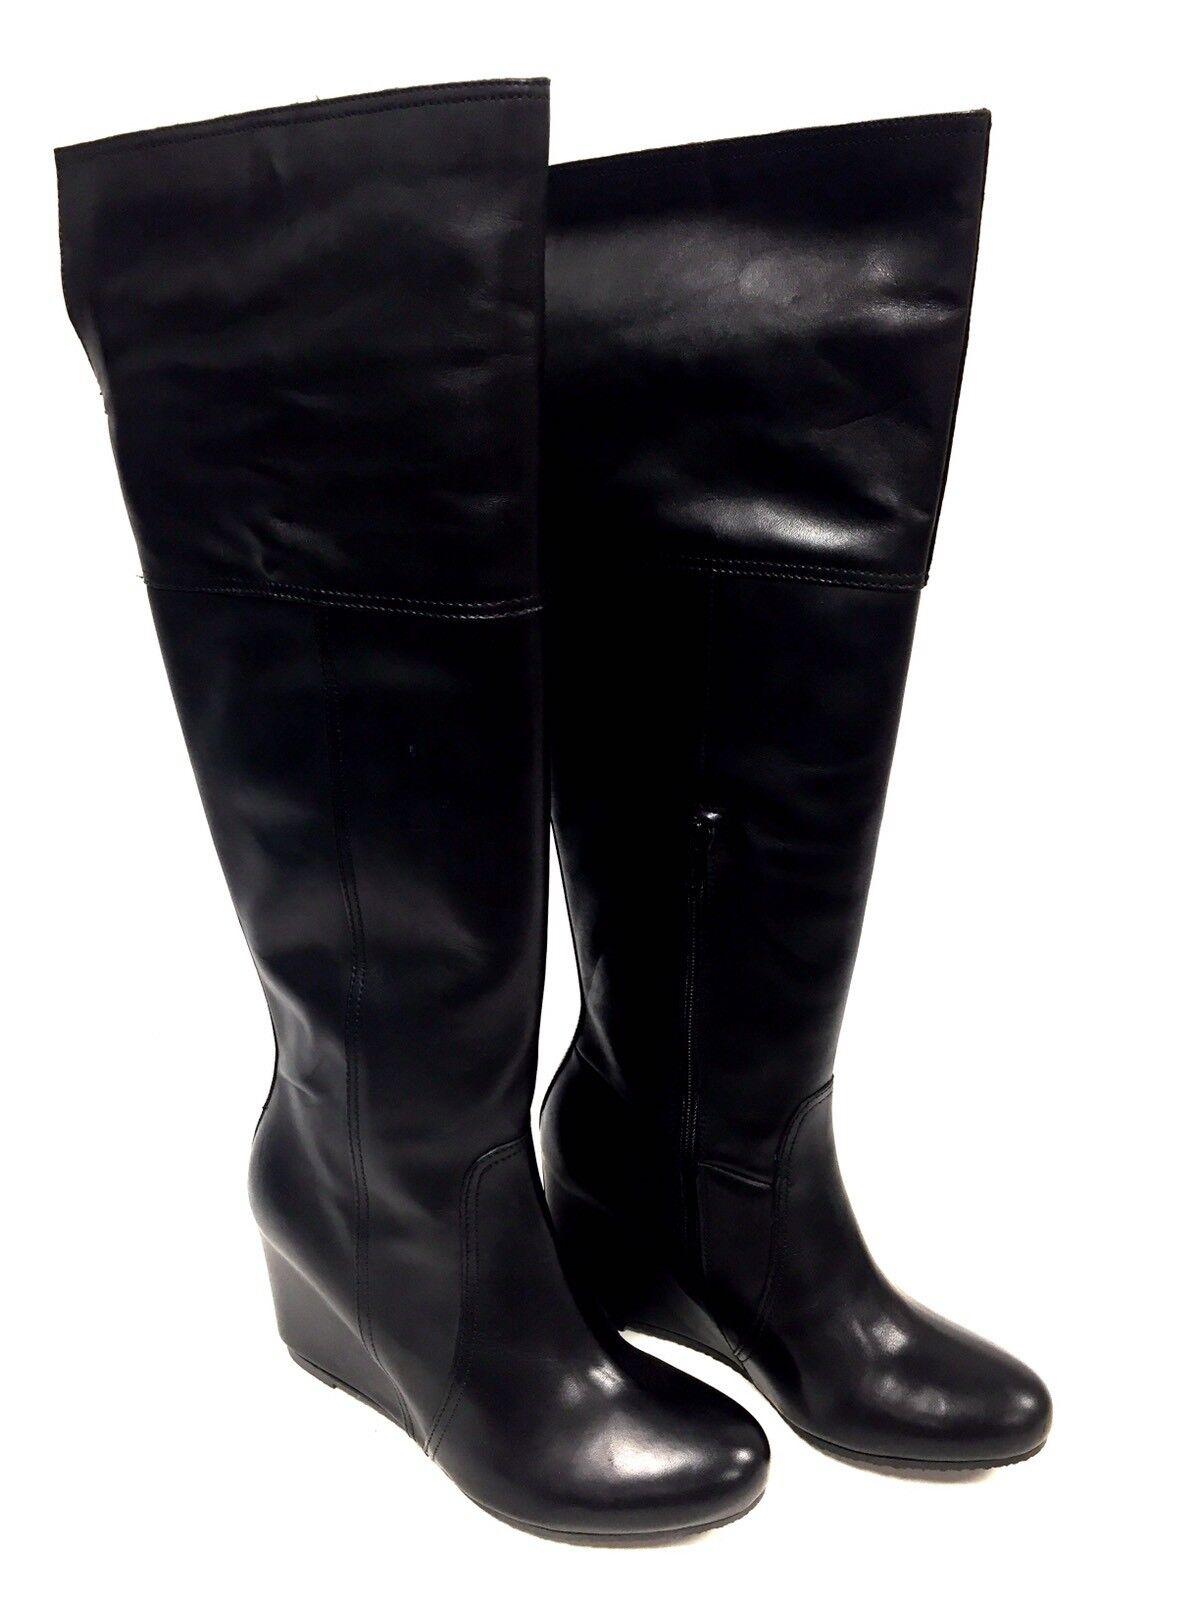 Bottes femme Cuir Noir Bagatt Taille 39 FR  8 US